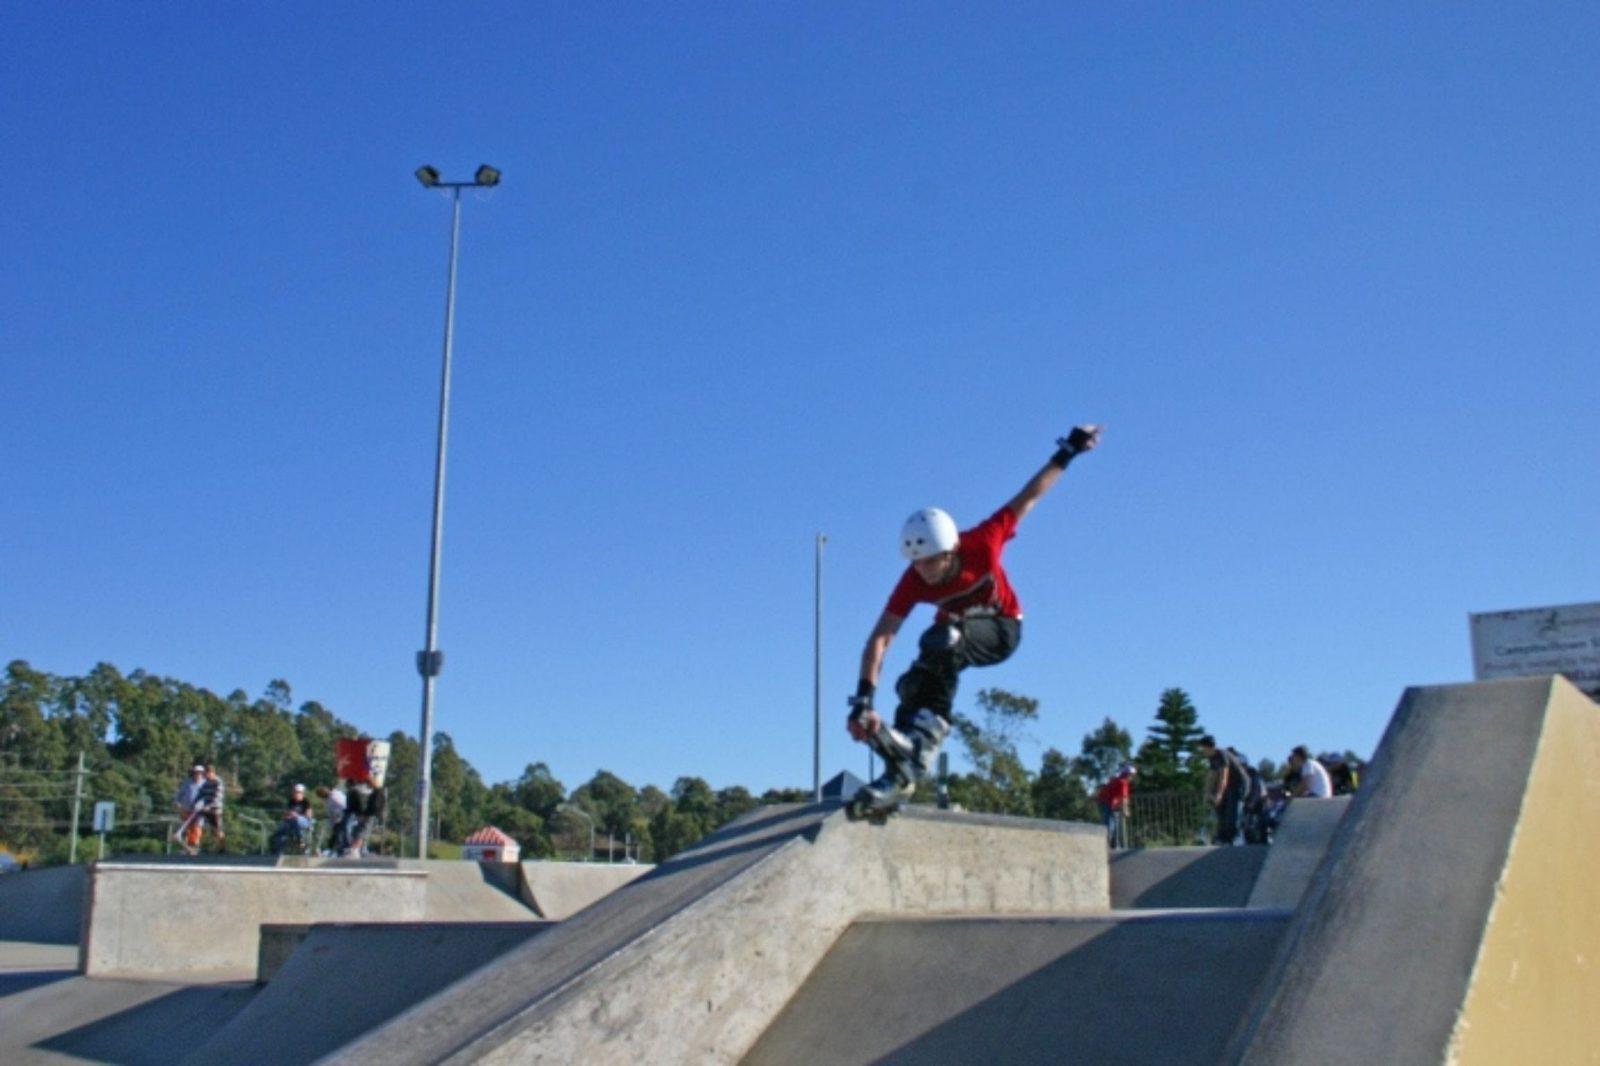 Macquarie Fields Skate park